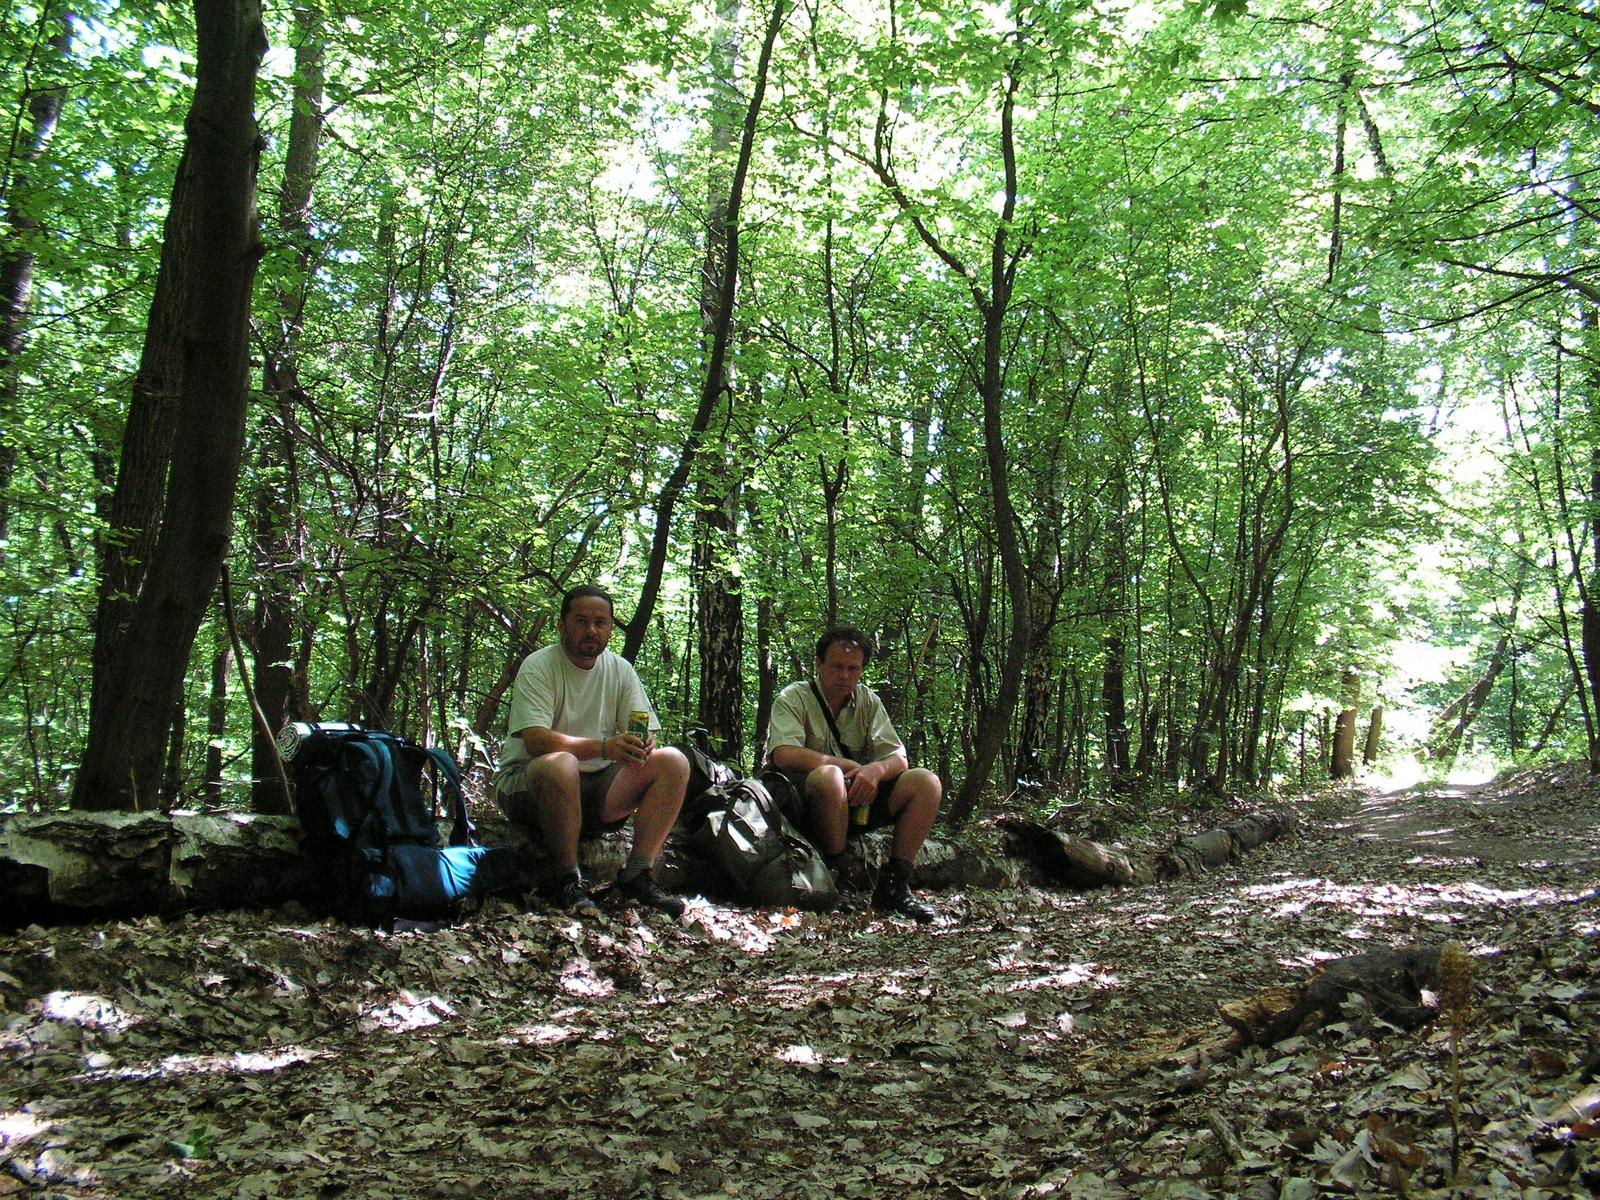 406 Pihenő Tornabarakony felé a Szalonnai-hegységben